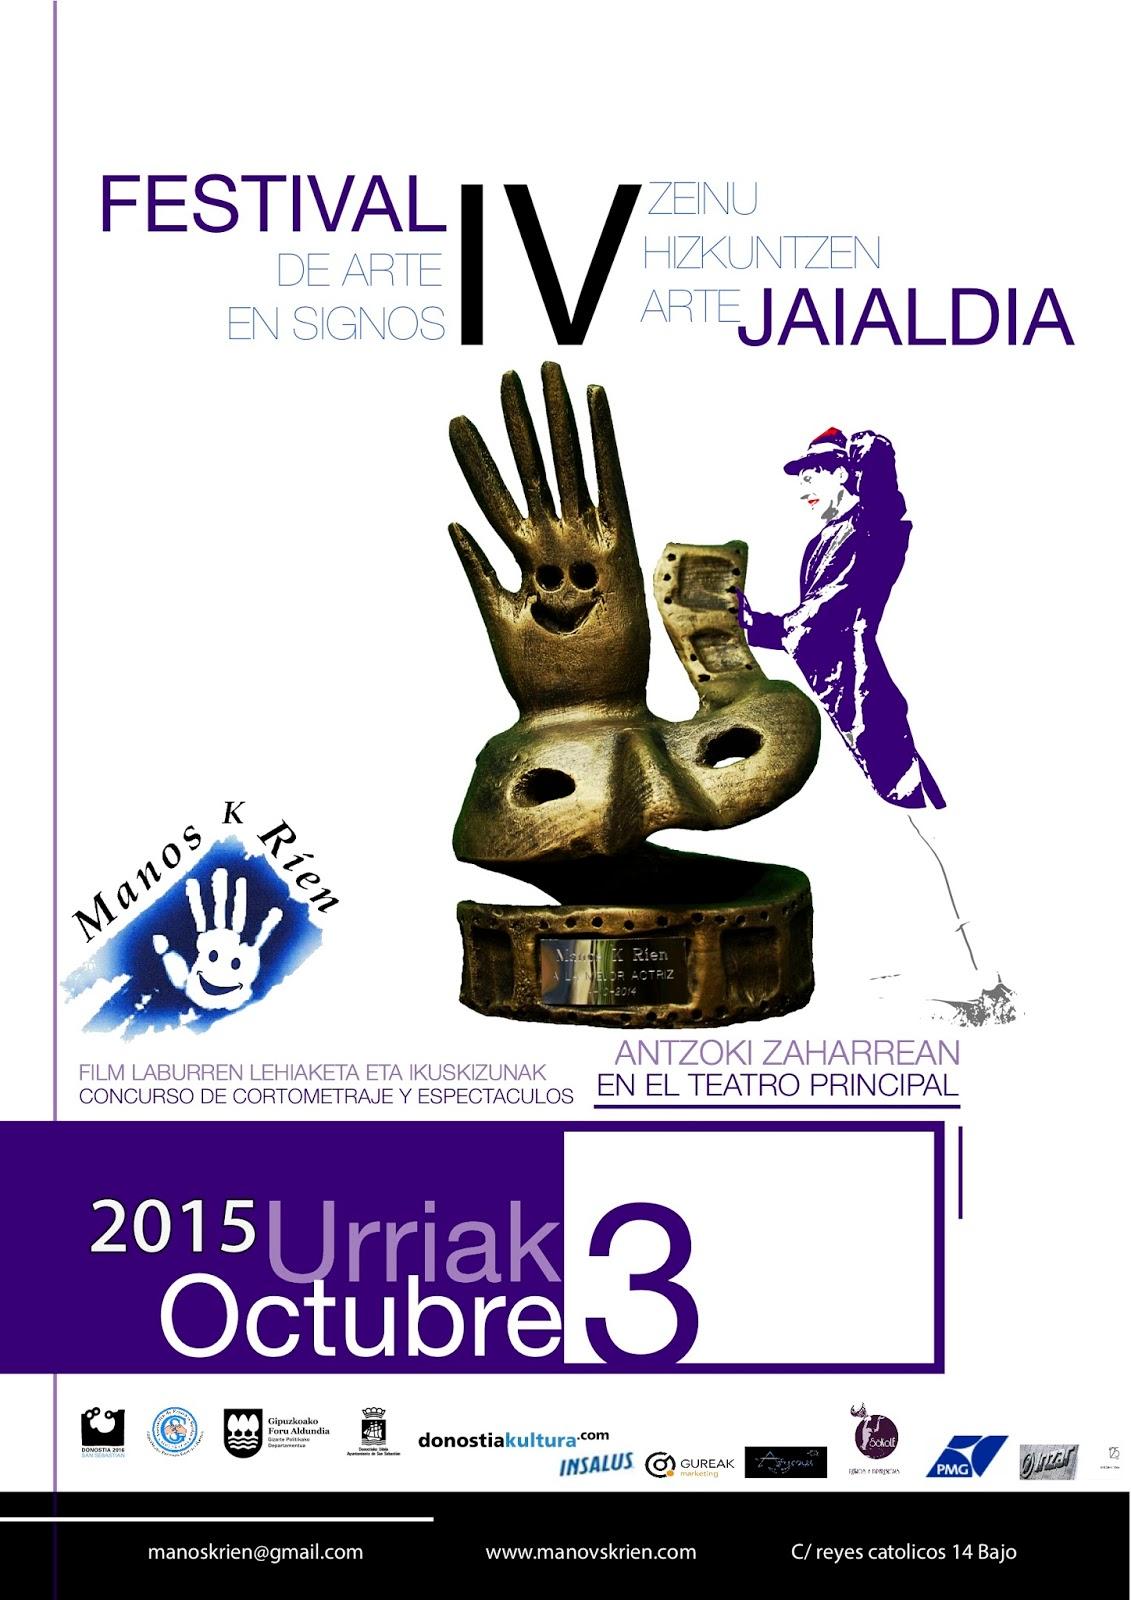 IV Festival de Arte en Signos - 3 de octubre, San Sebastián. Cartel%2B%2BFestival%2Bde%2Barte%2Ben%2Bsignos%252C